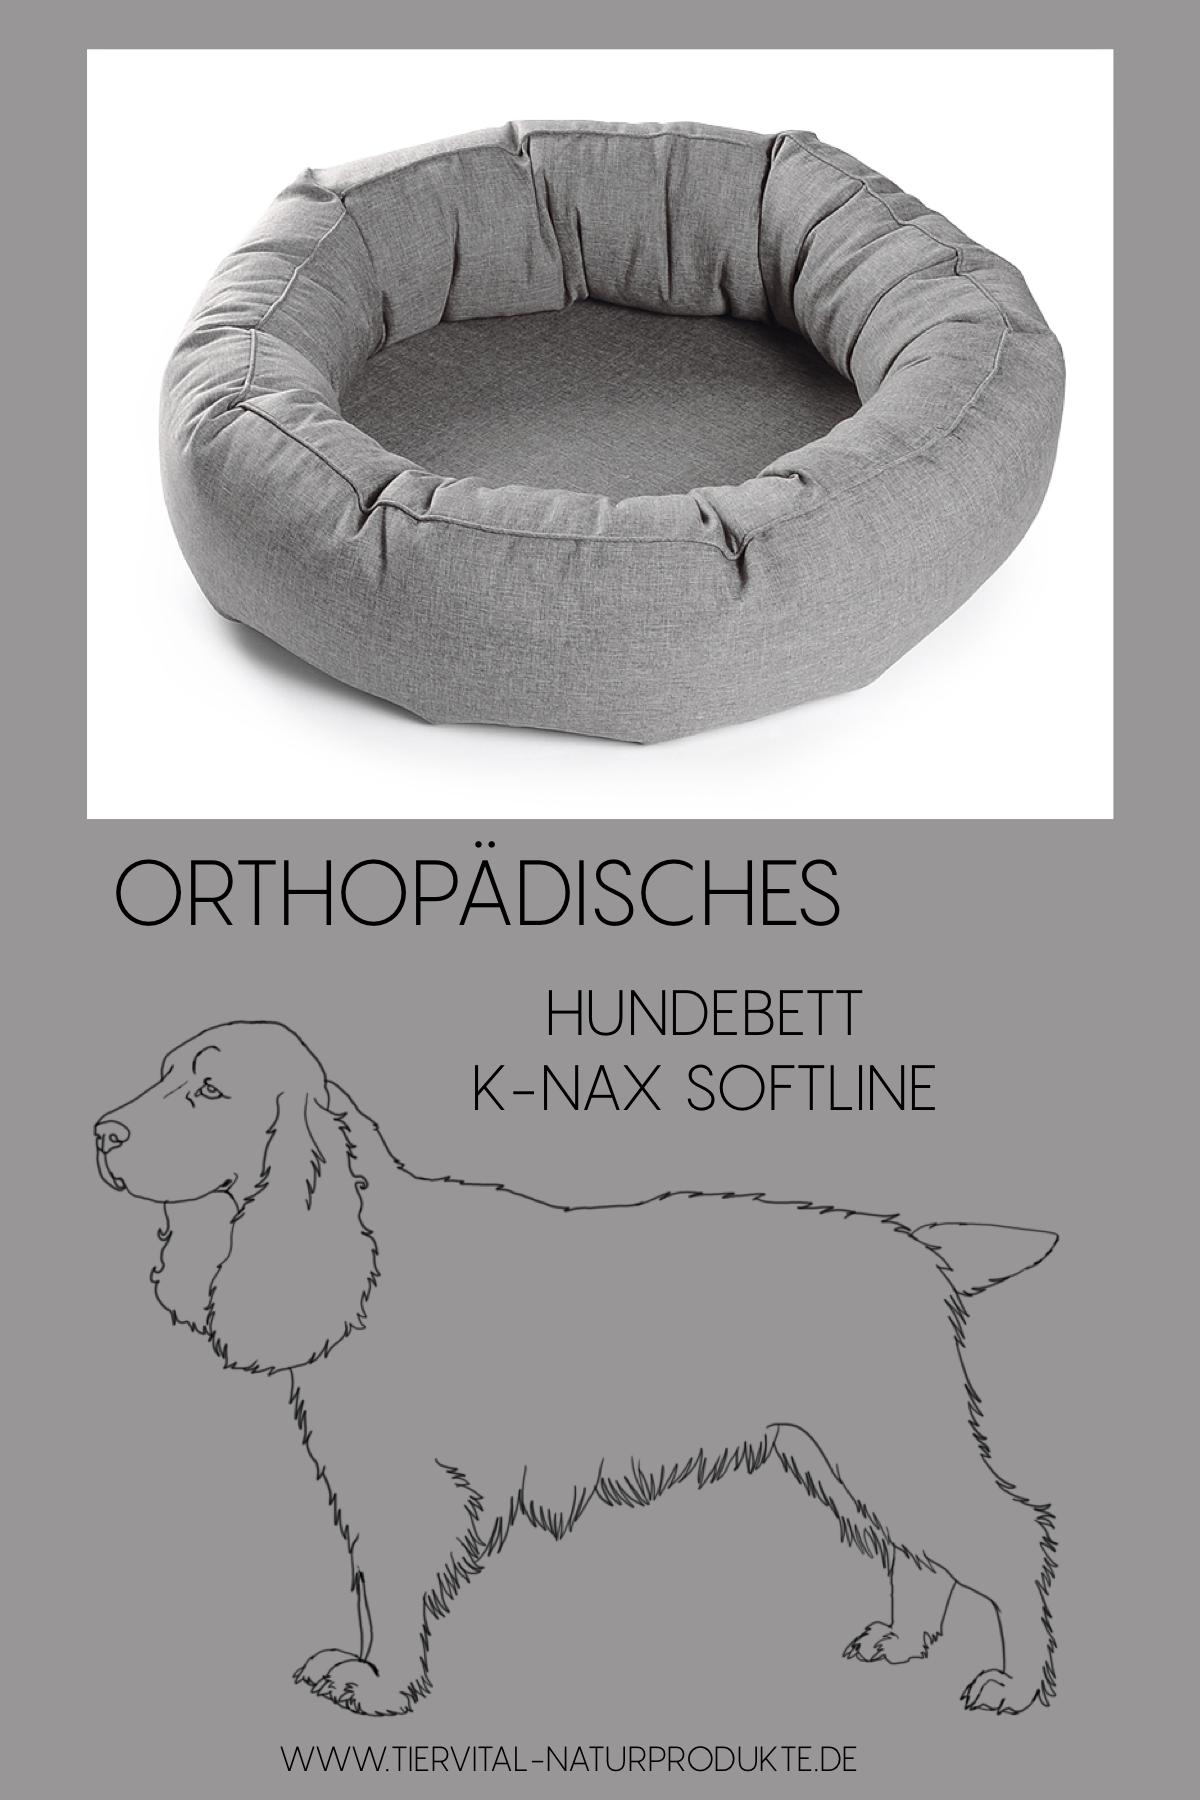 Exclusives Hundebetten Design Aus Angesagtem Und Modischen Materialmix Der Hundebetten Oberbezug Besteht Aus Einem Angesagte Hunde Bett Hundebett Hunde Kissen